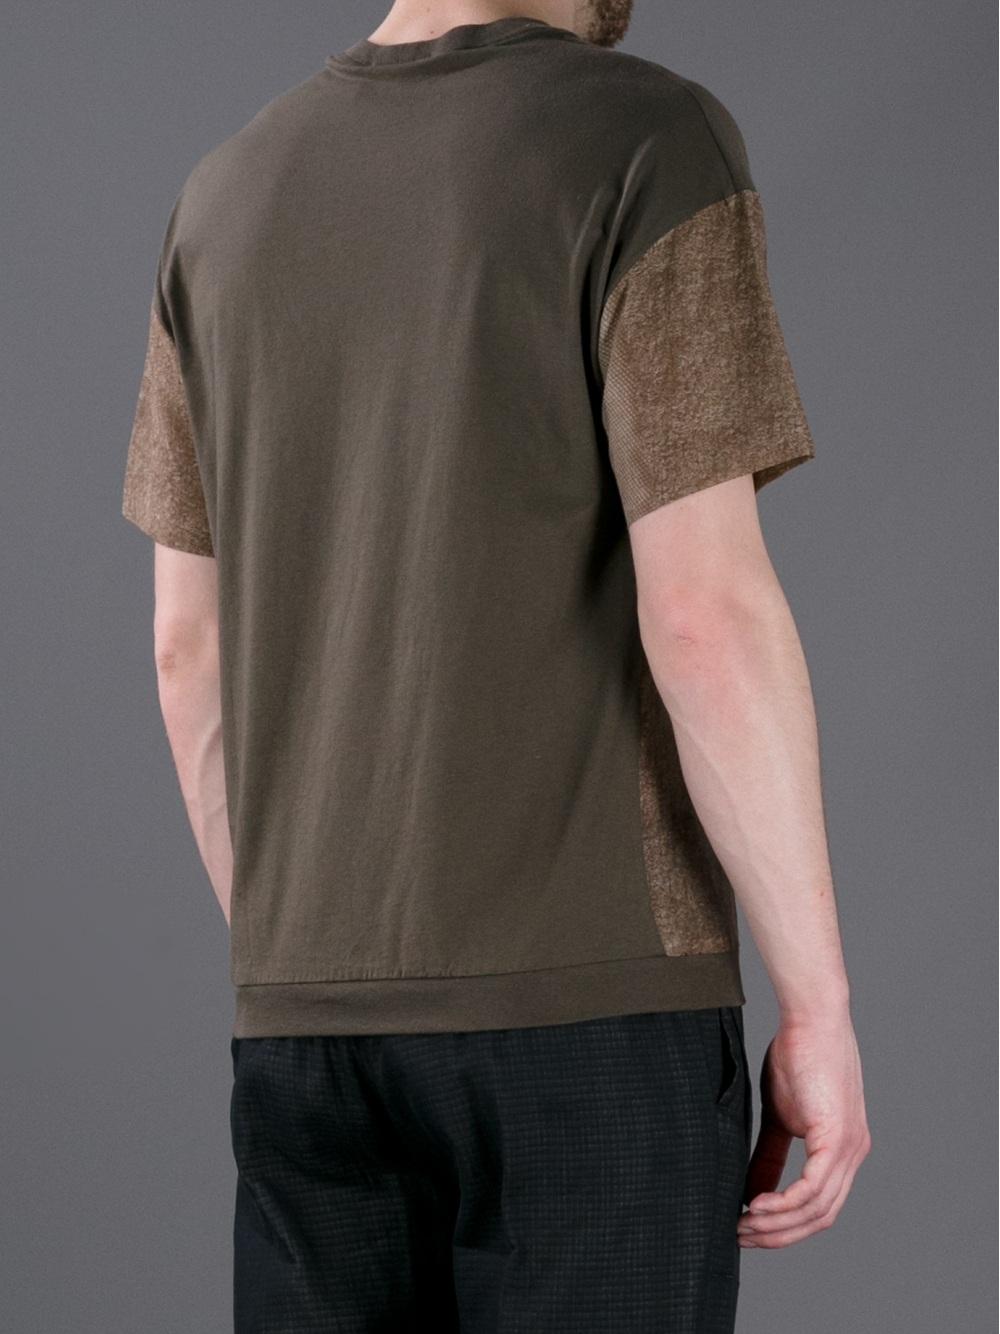 stephan-schneider-green-contrast-panel-t-shirt-product-1-10918251-1-565969420-normal.jpeg